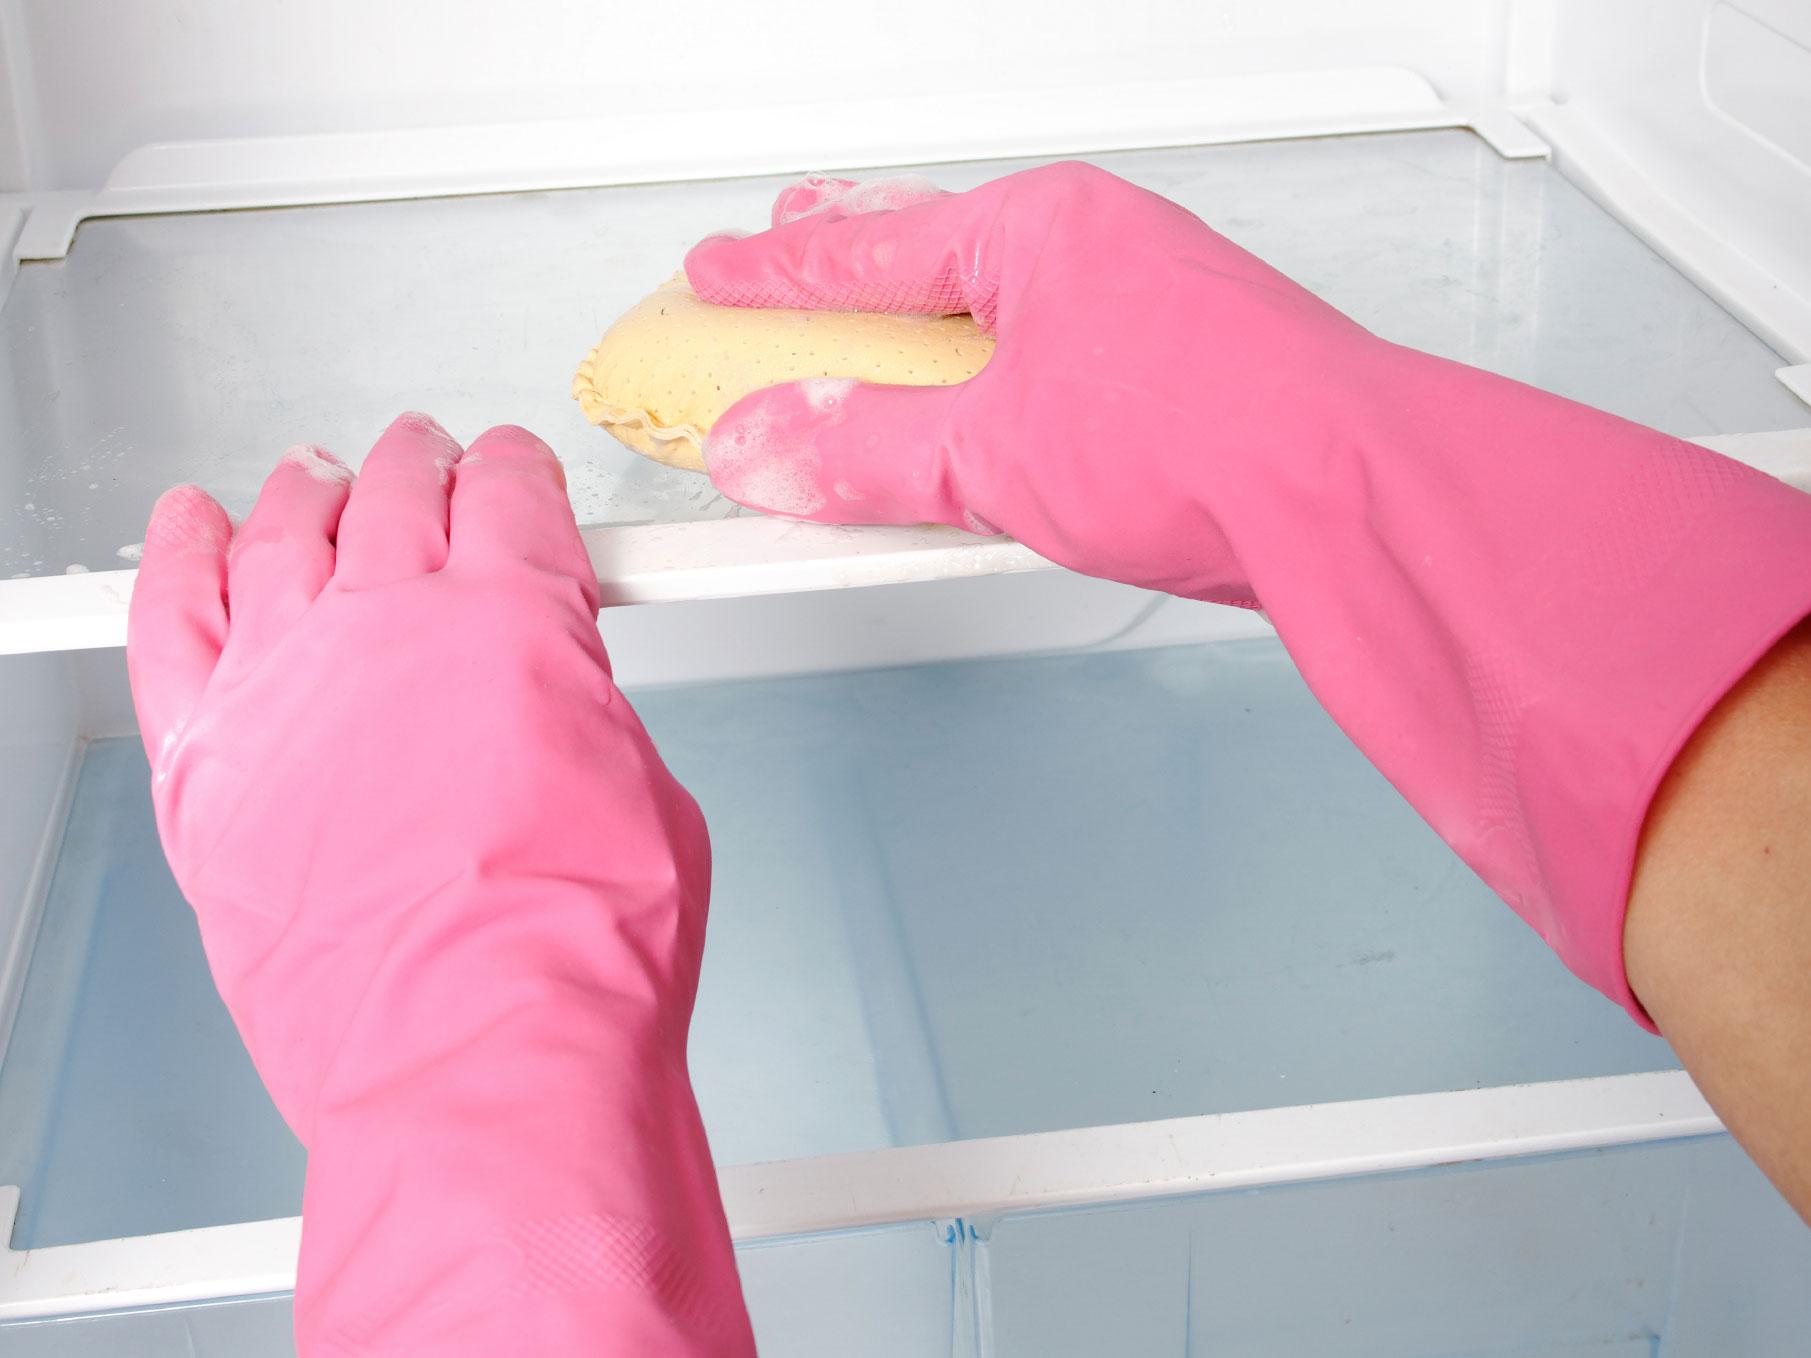 Hoe onderhoud ik een koelkast en diepvriezer - Hoe een keuken te verlichten ...